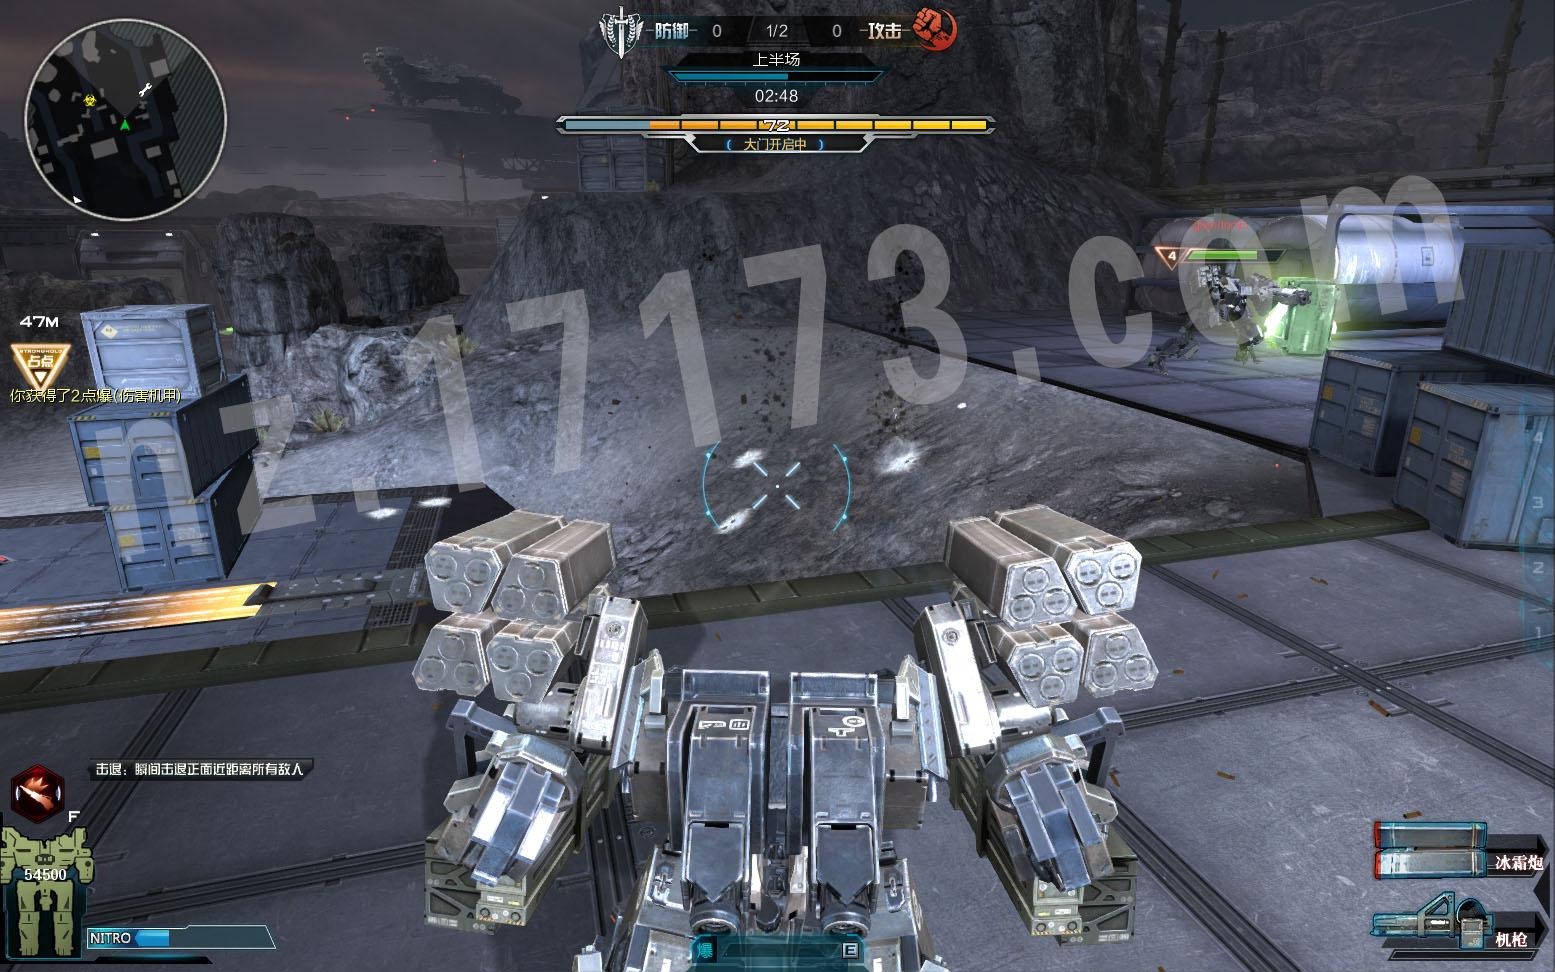 逆战机甲模式_逆战机甲对战模式游戏截图曝光一